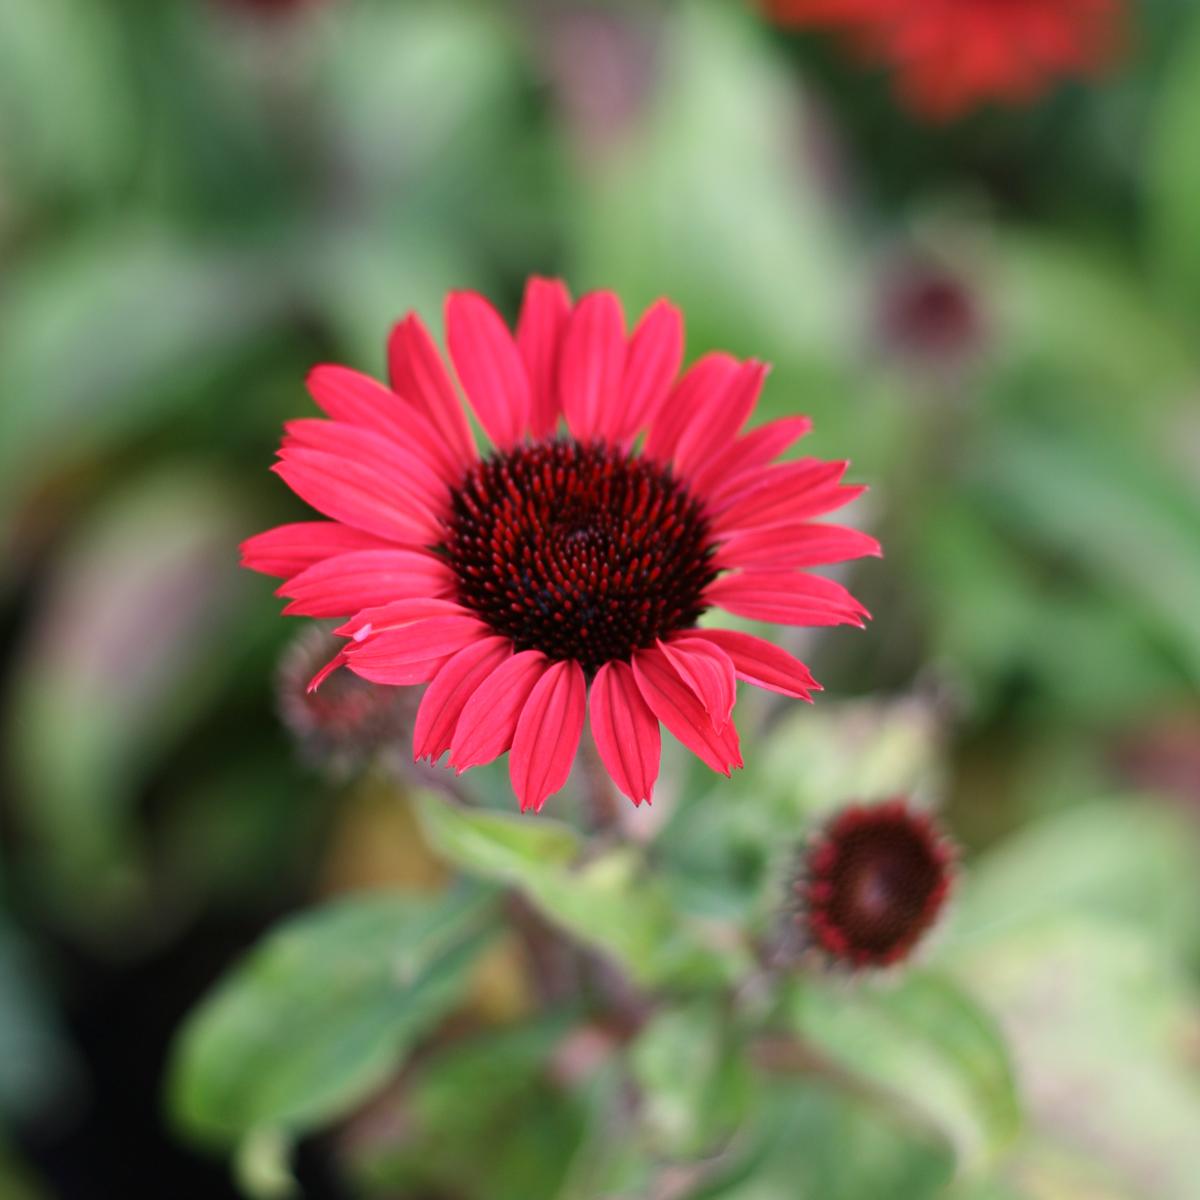 Produktbild på Solhatt (Sunseekers-Serien) SUNSEEKERS RED ('Apecssired')